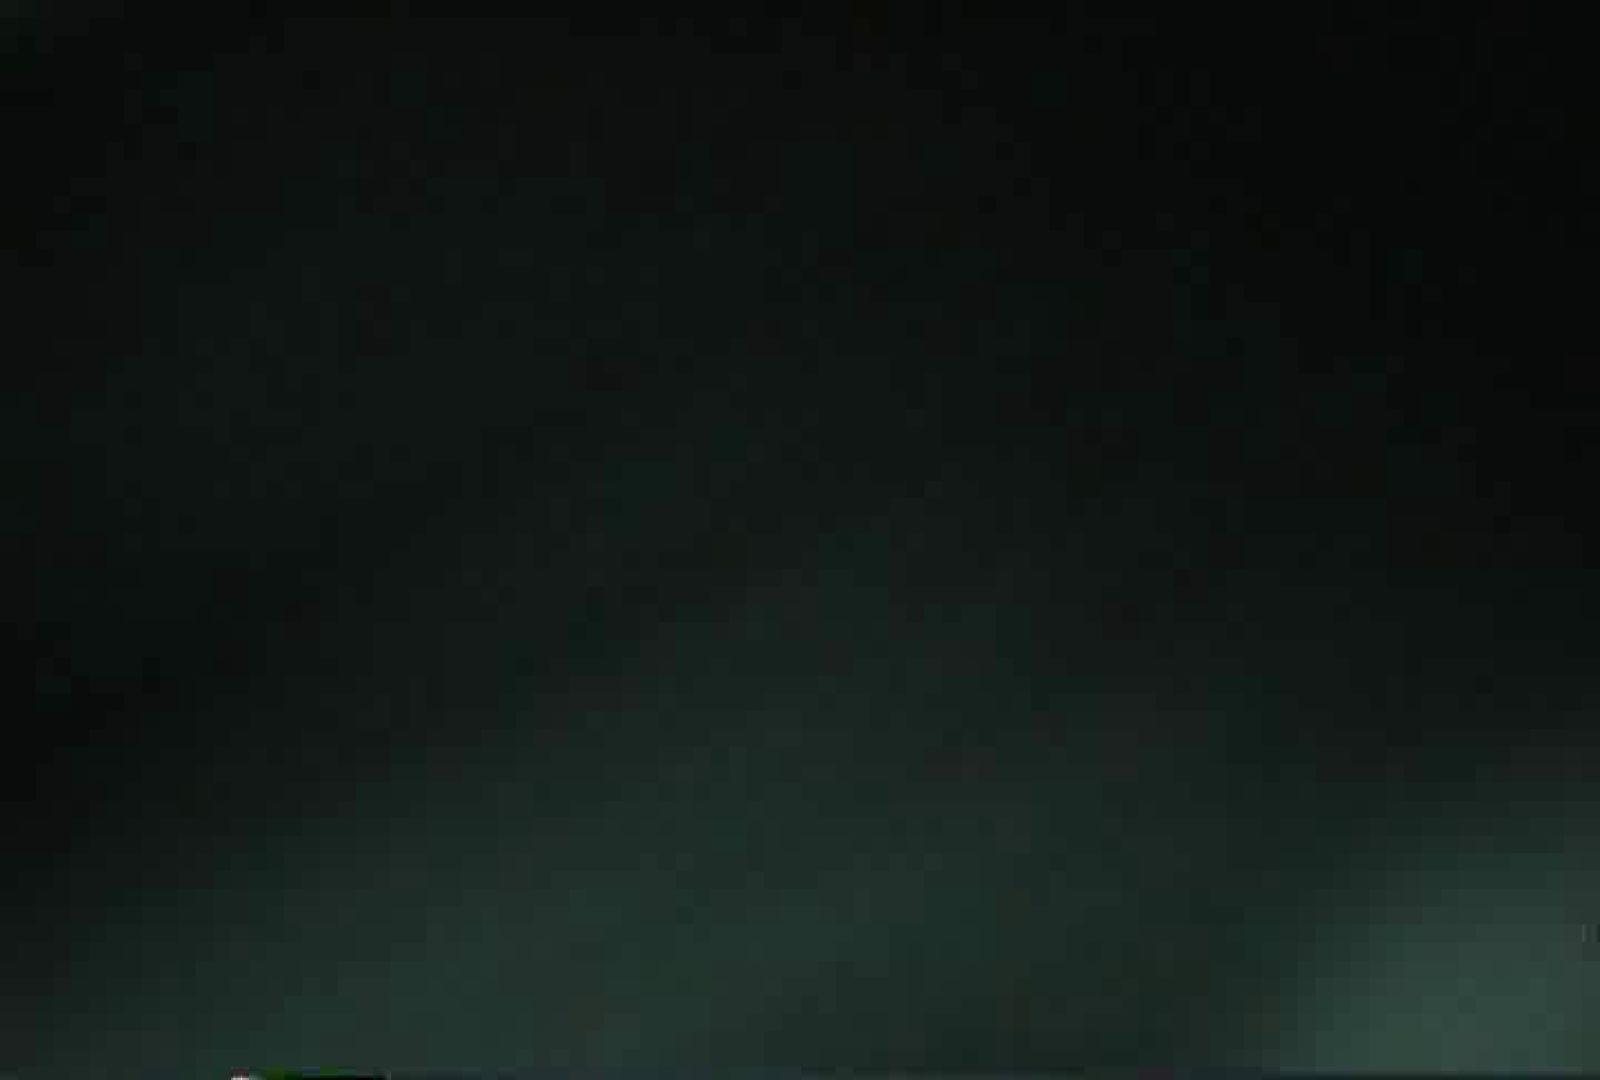 充血監督の深夜の運動会Vol.57 OLの実態  73pic 20